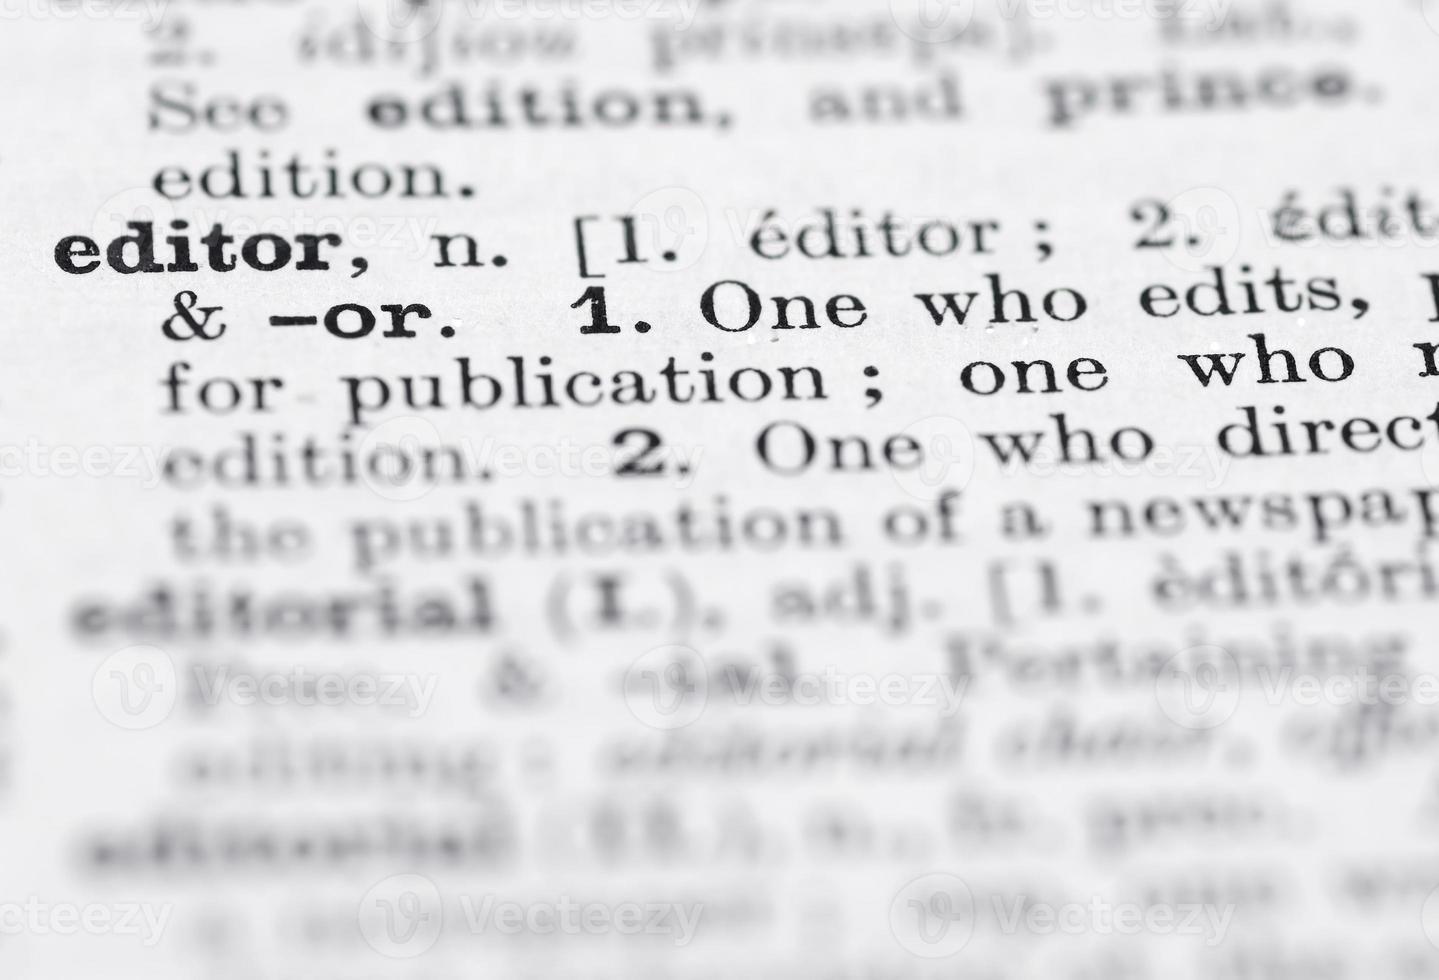 definição do editor no dicionário de inglês. foto